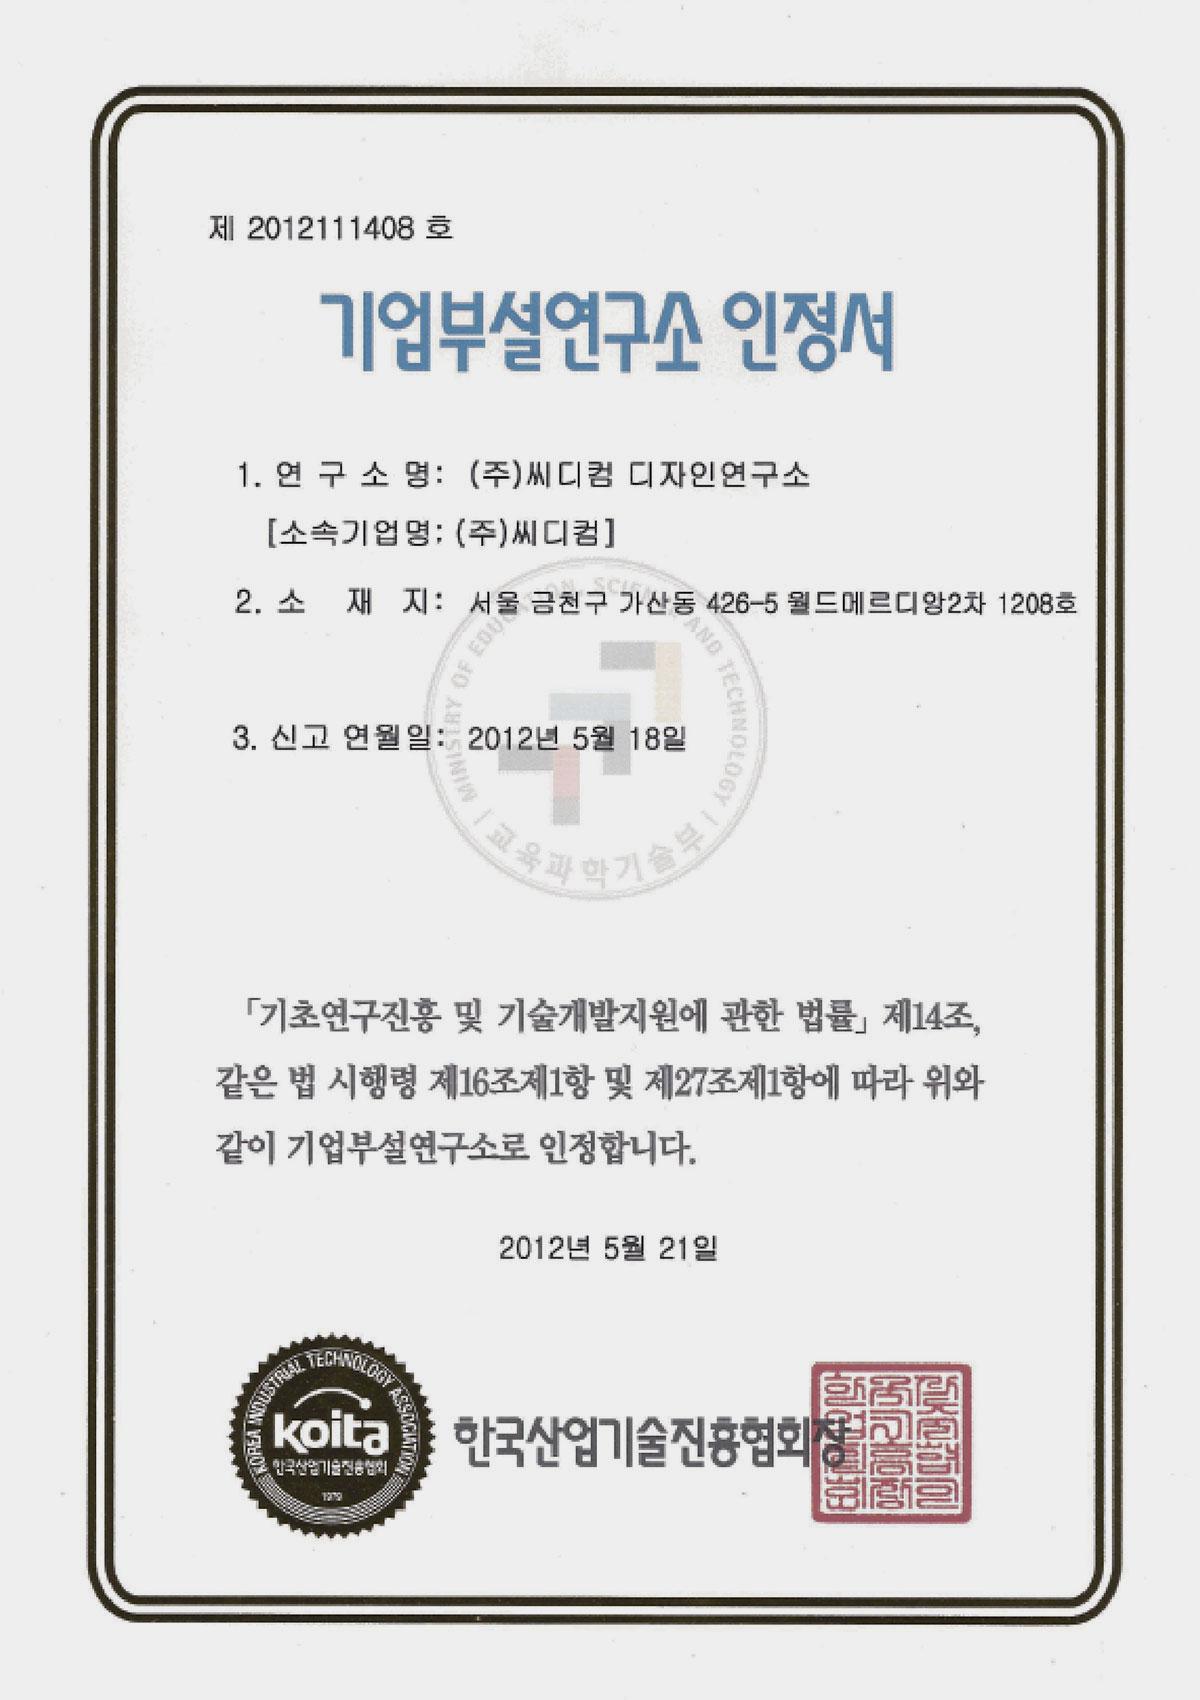 한국산업기술진흥협회 기업부설연구소 인정서